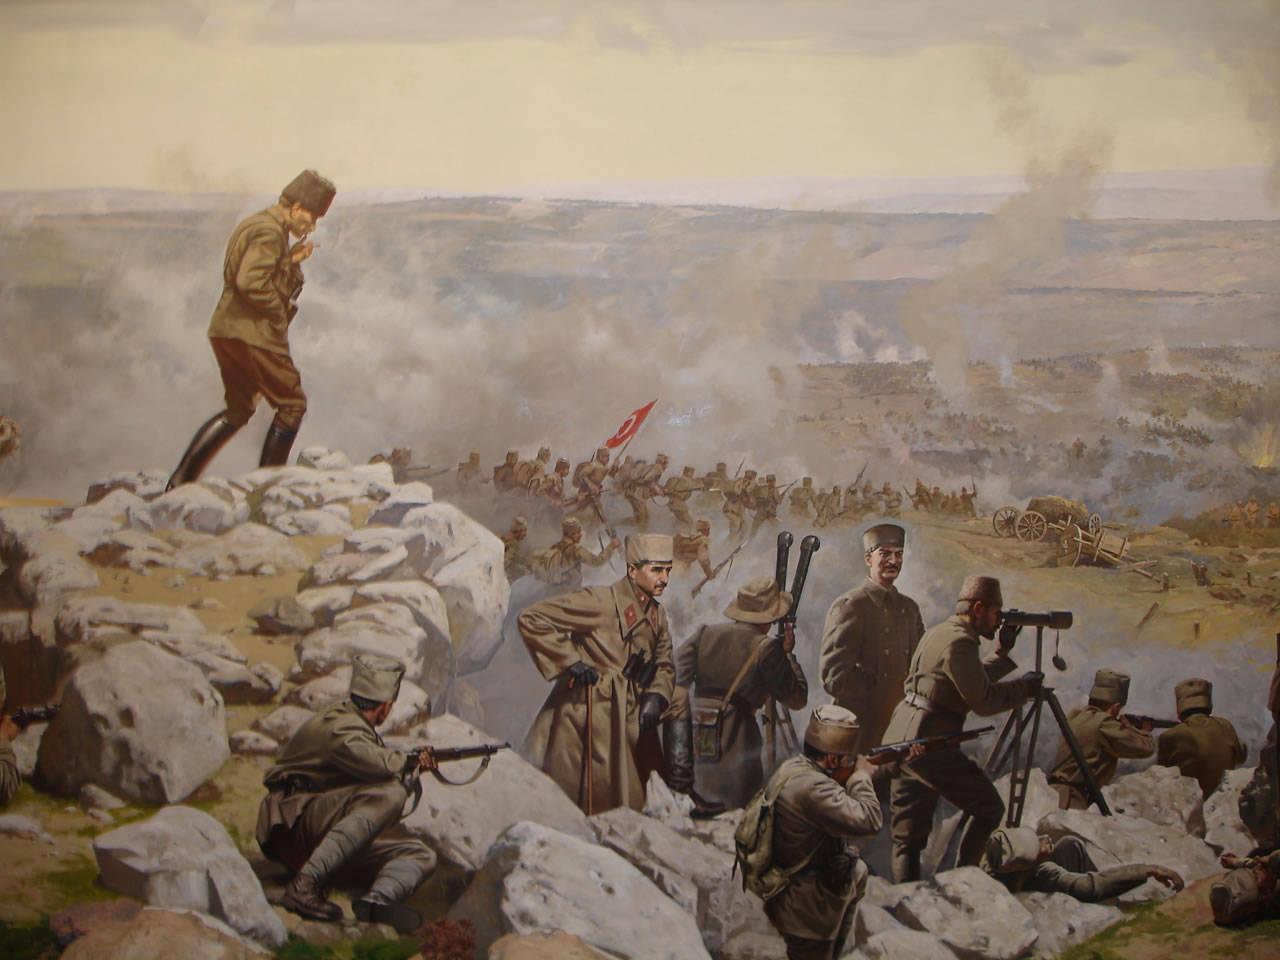 من ذكريات حرب الاستقلال 28548007c61b5422fb96c96c0c96842073ee6a3